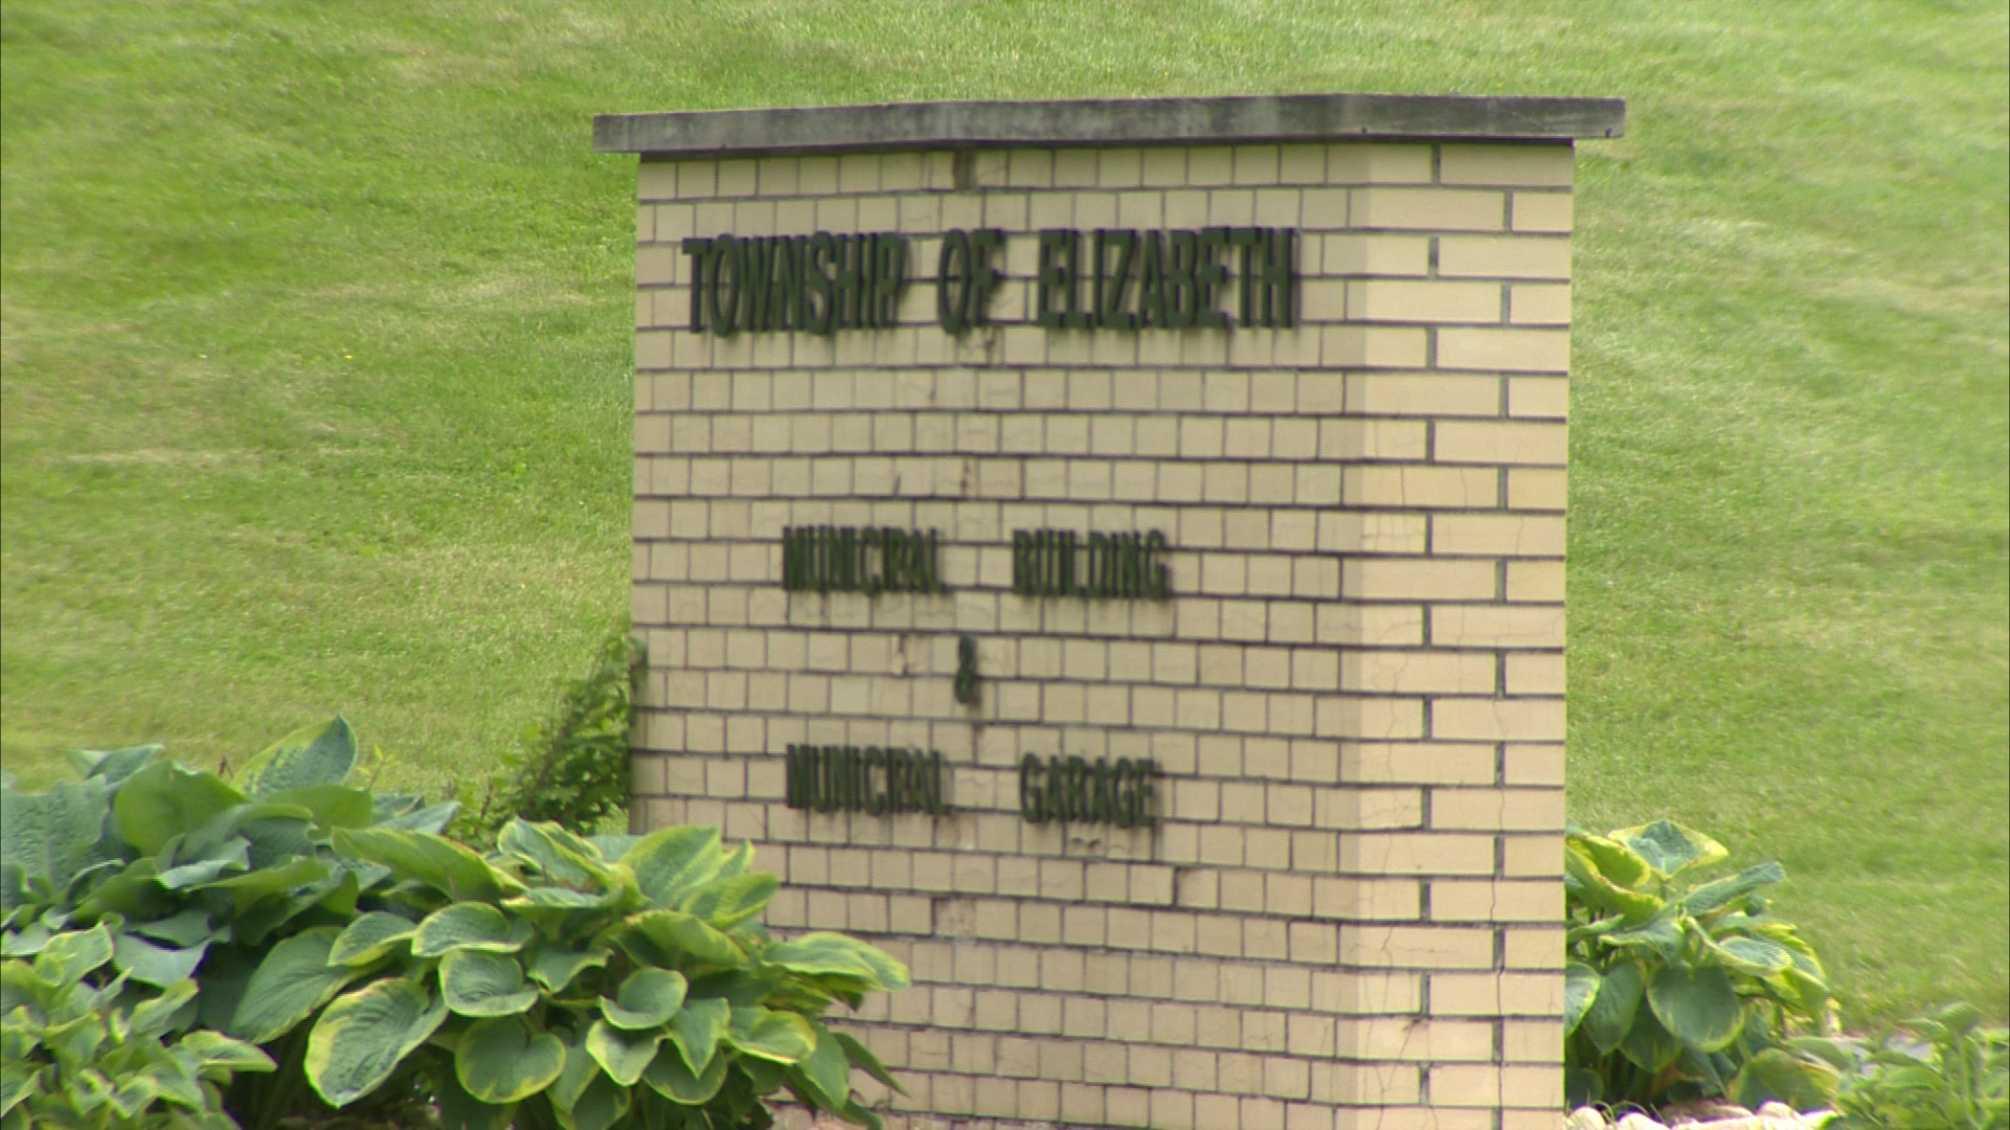 Township of Elizabeth.jpg